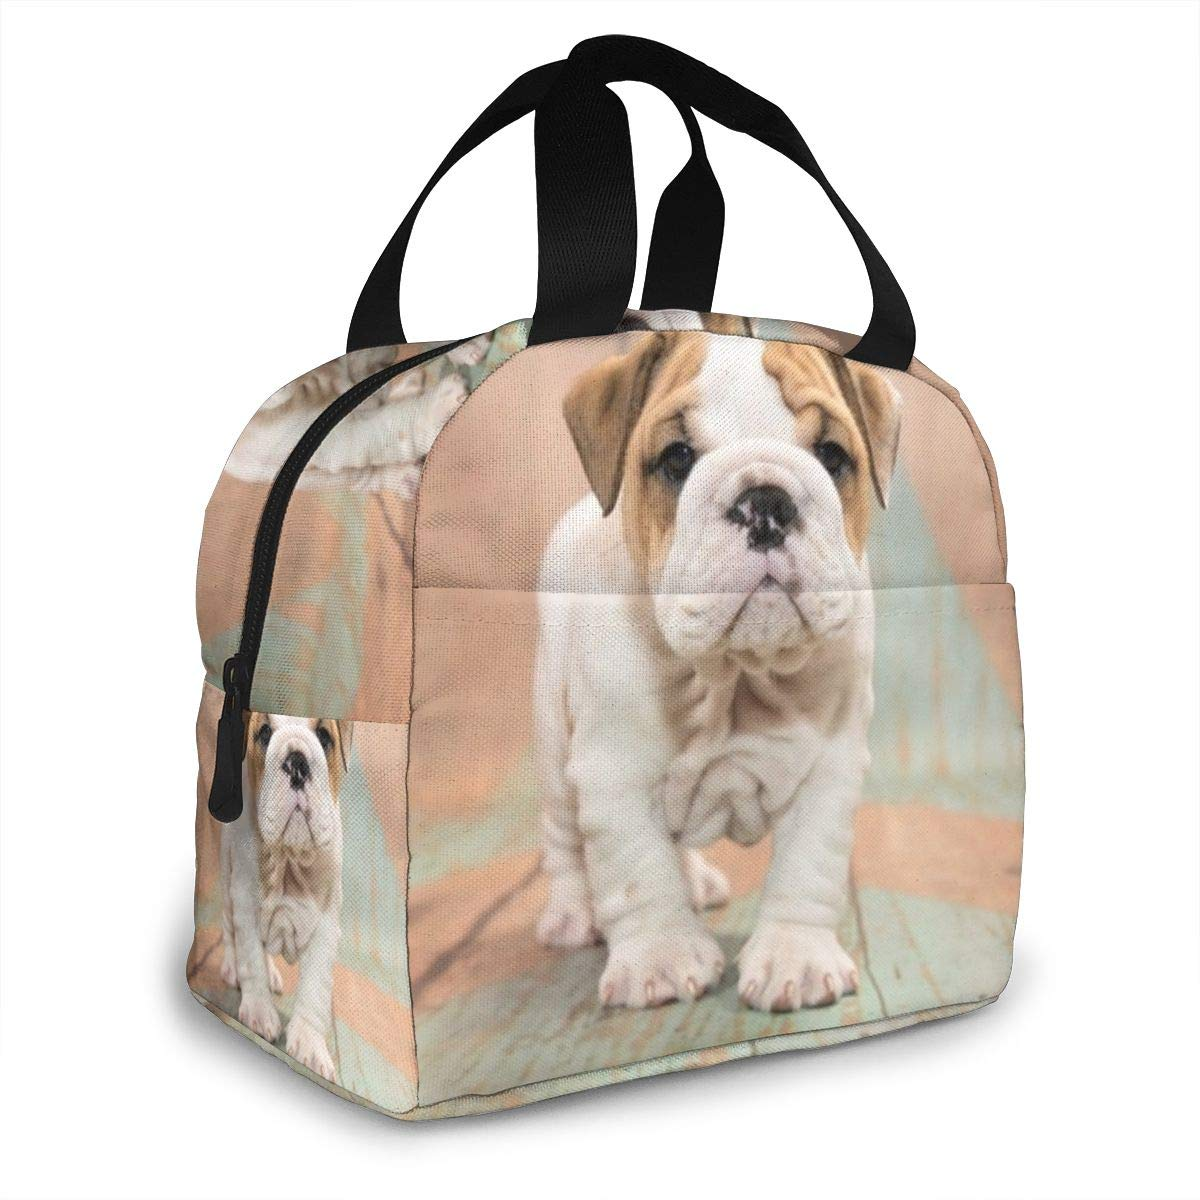 COCO-La Englische Bulldogge Mit Blauem Und Tan Gemustertem Holz Lunchpakete Lunch Tote Cooler Bag Lunch-Taschen K/ühltaschen Boxen